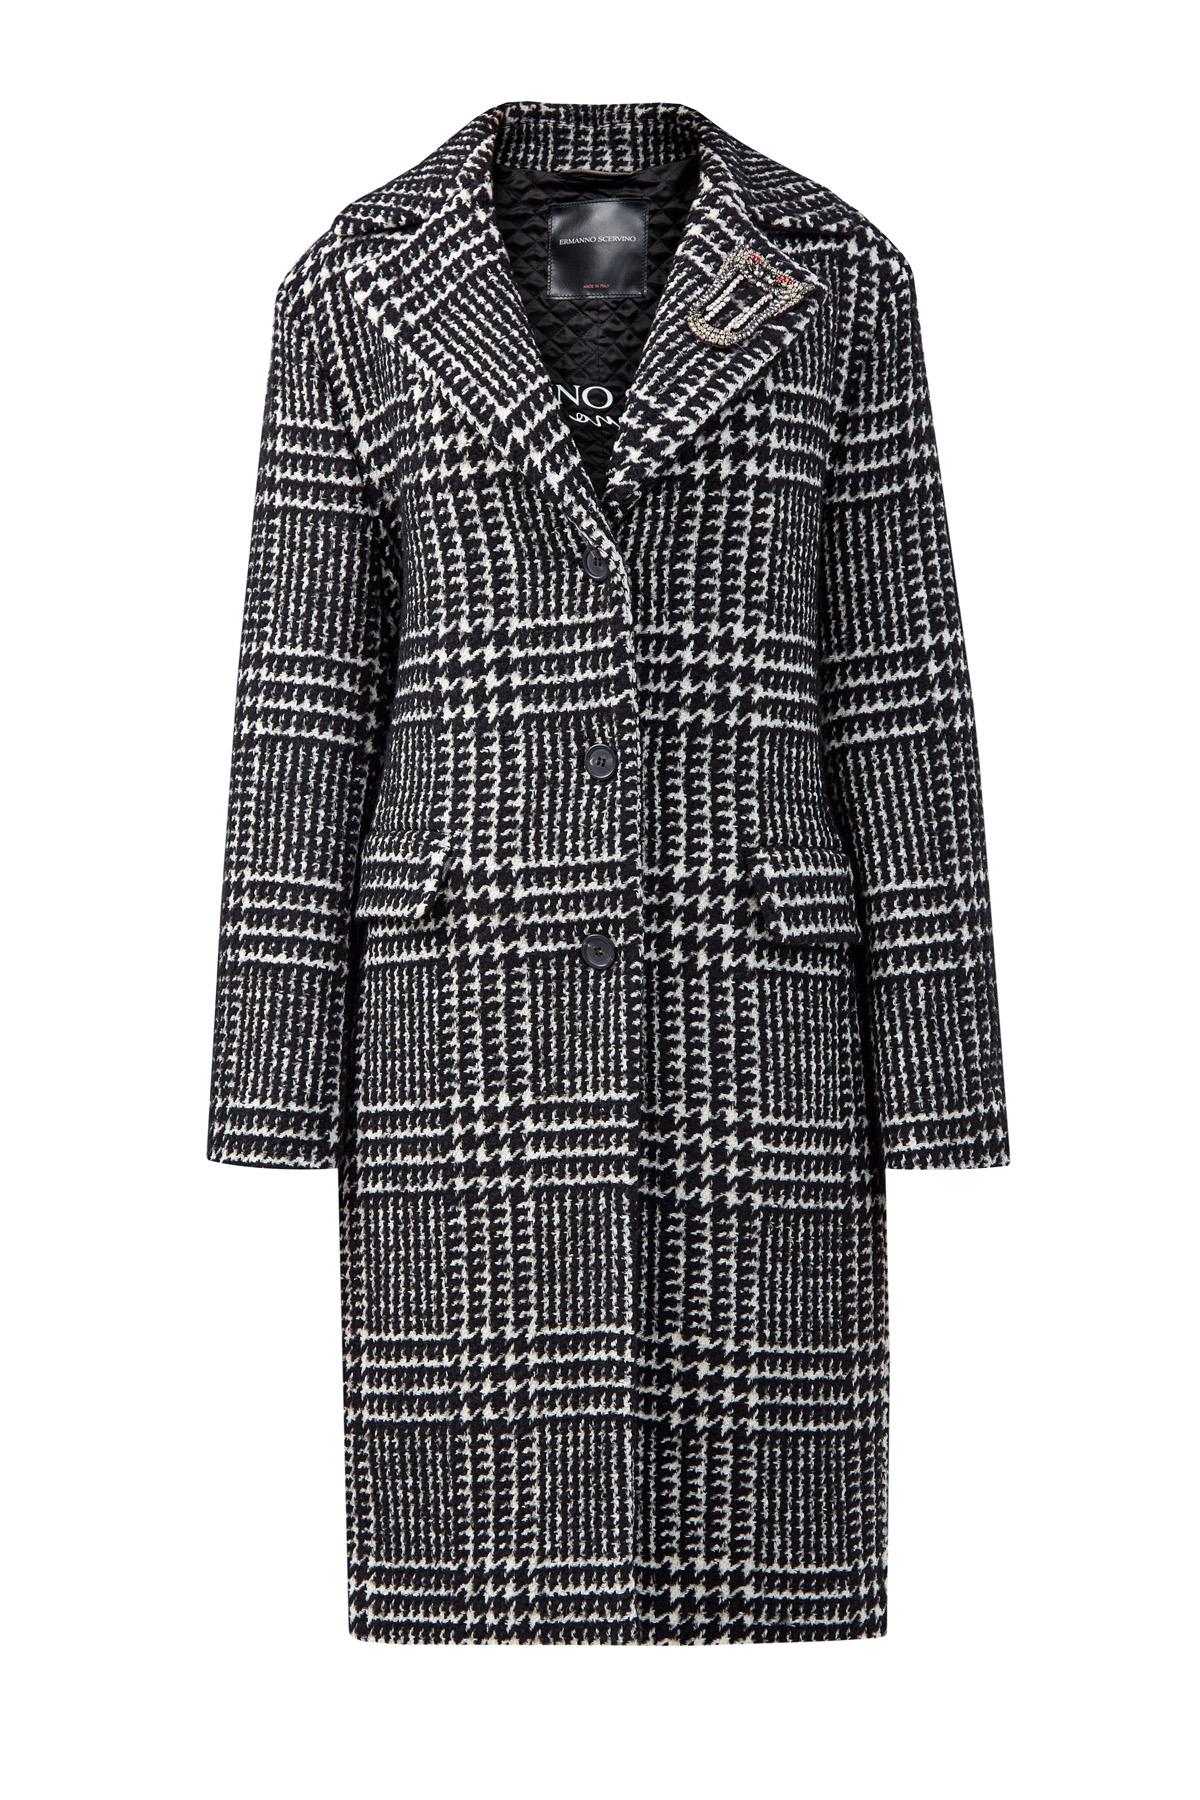 Пальто из шерстяного драпа с брошью из кристаллов фото